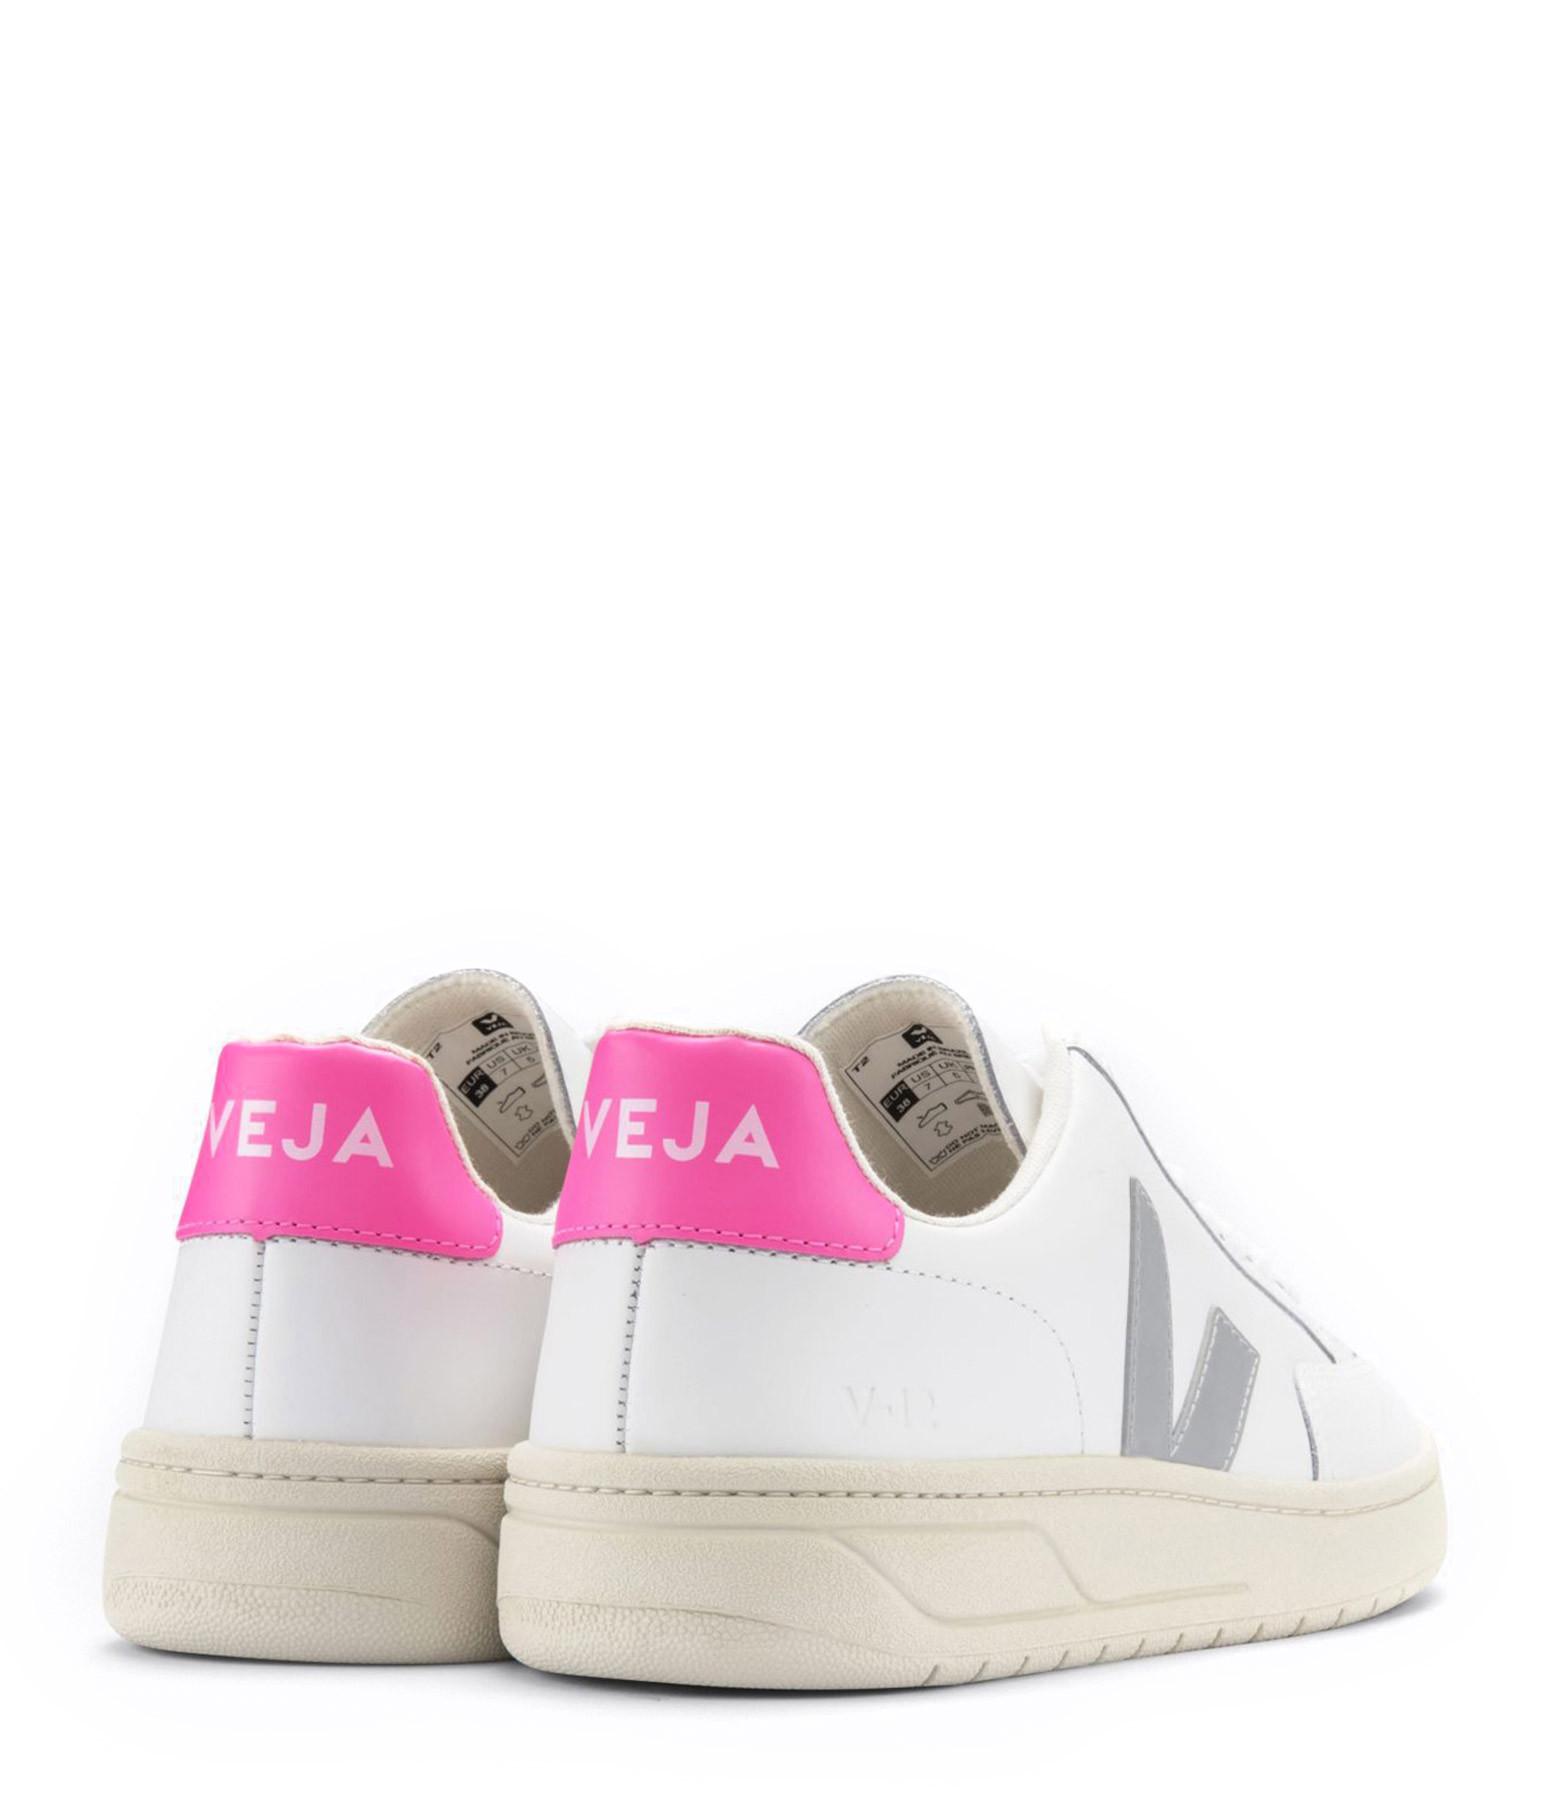 VEJA - Baskets V-12 Cuir Extra Blanc Gris Rose